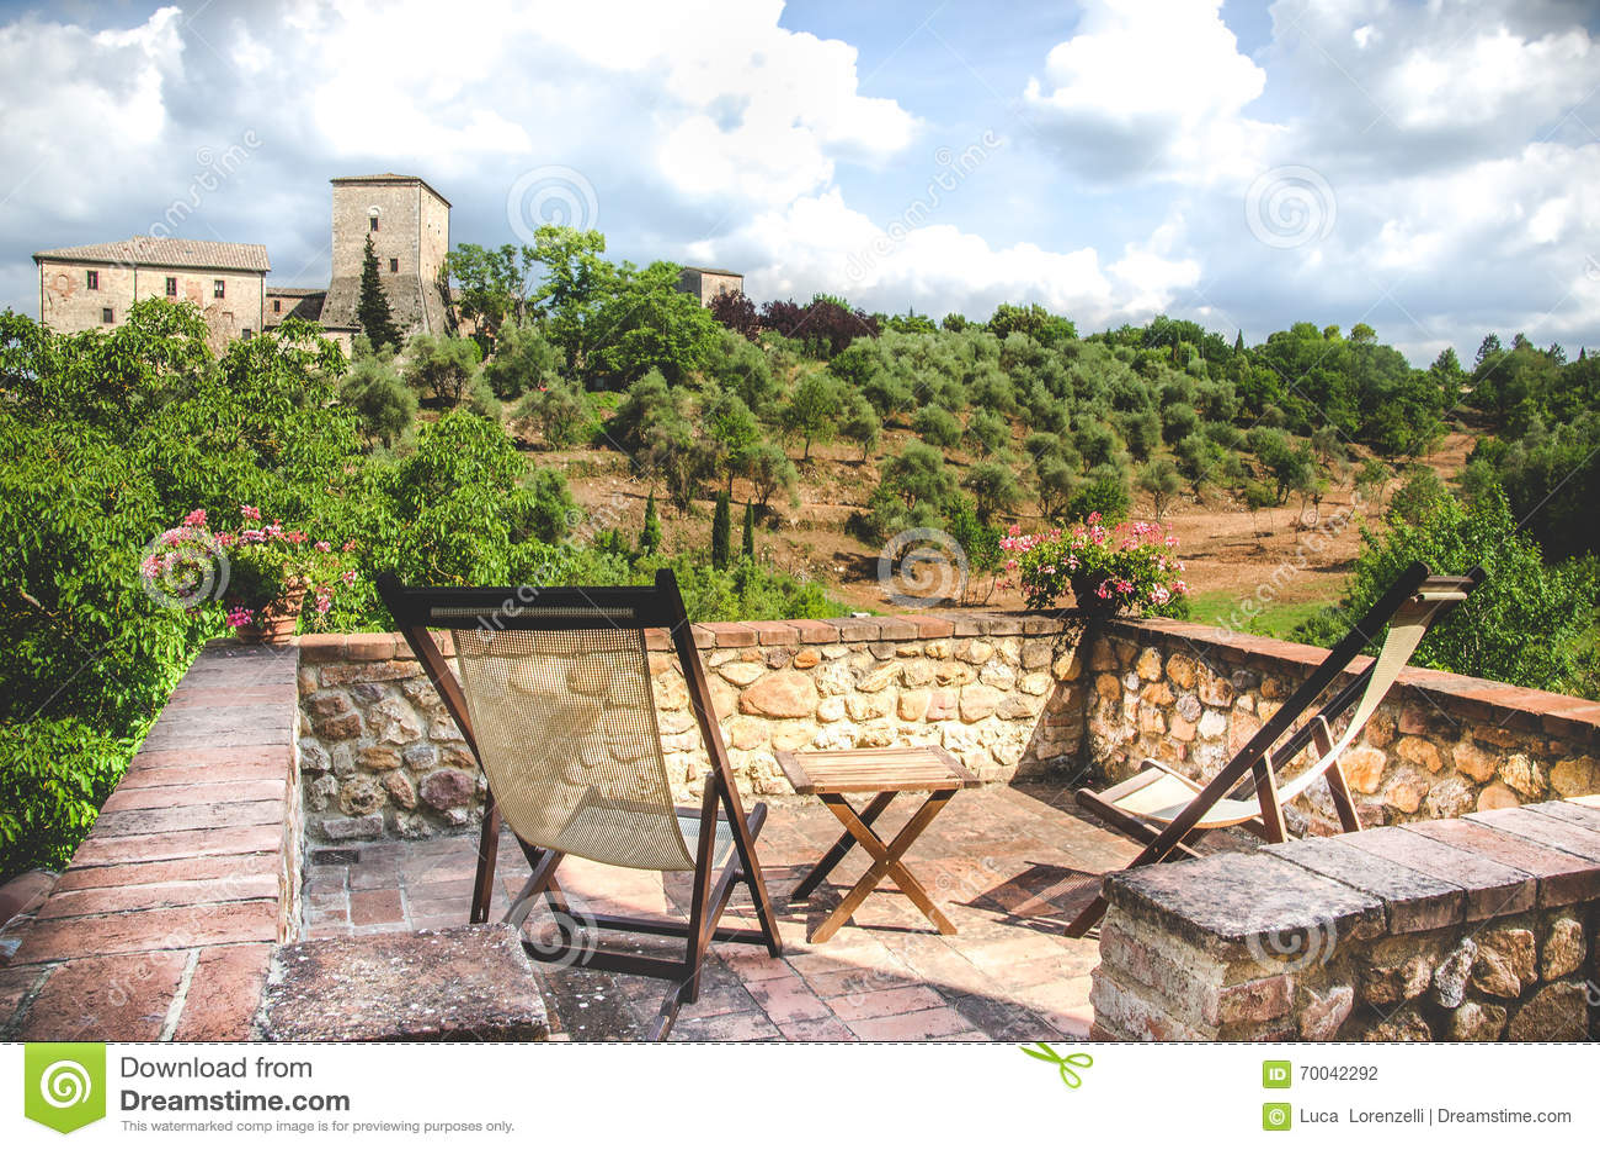 Sedia sdraio da balcone sdraio sedia arredamento mobili e for Sdraio da terrazzo